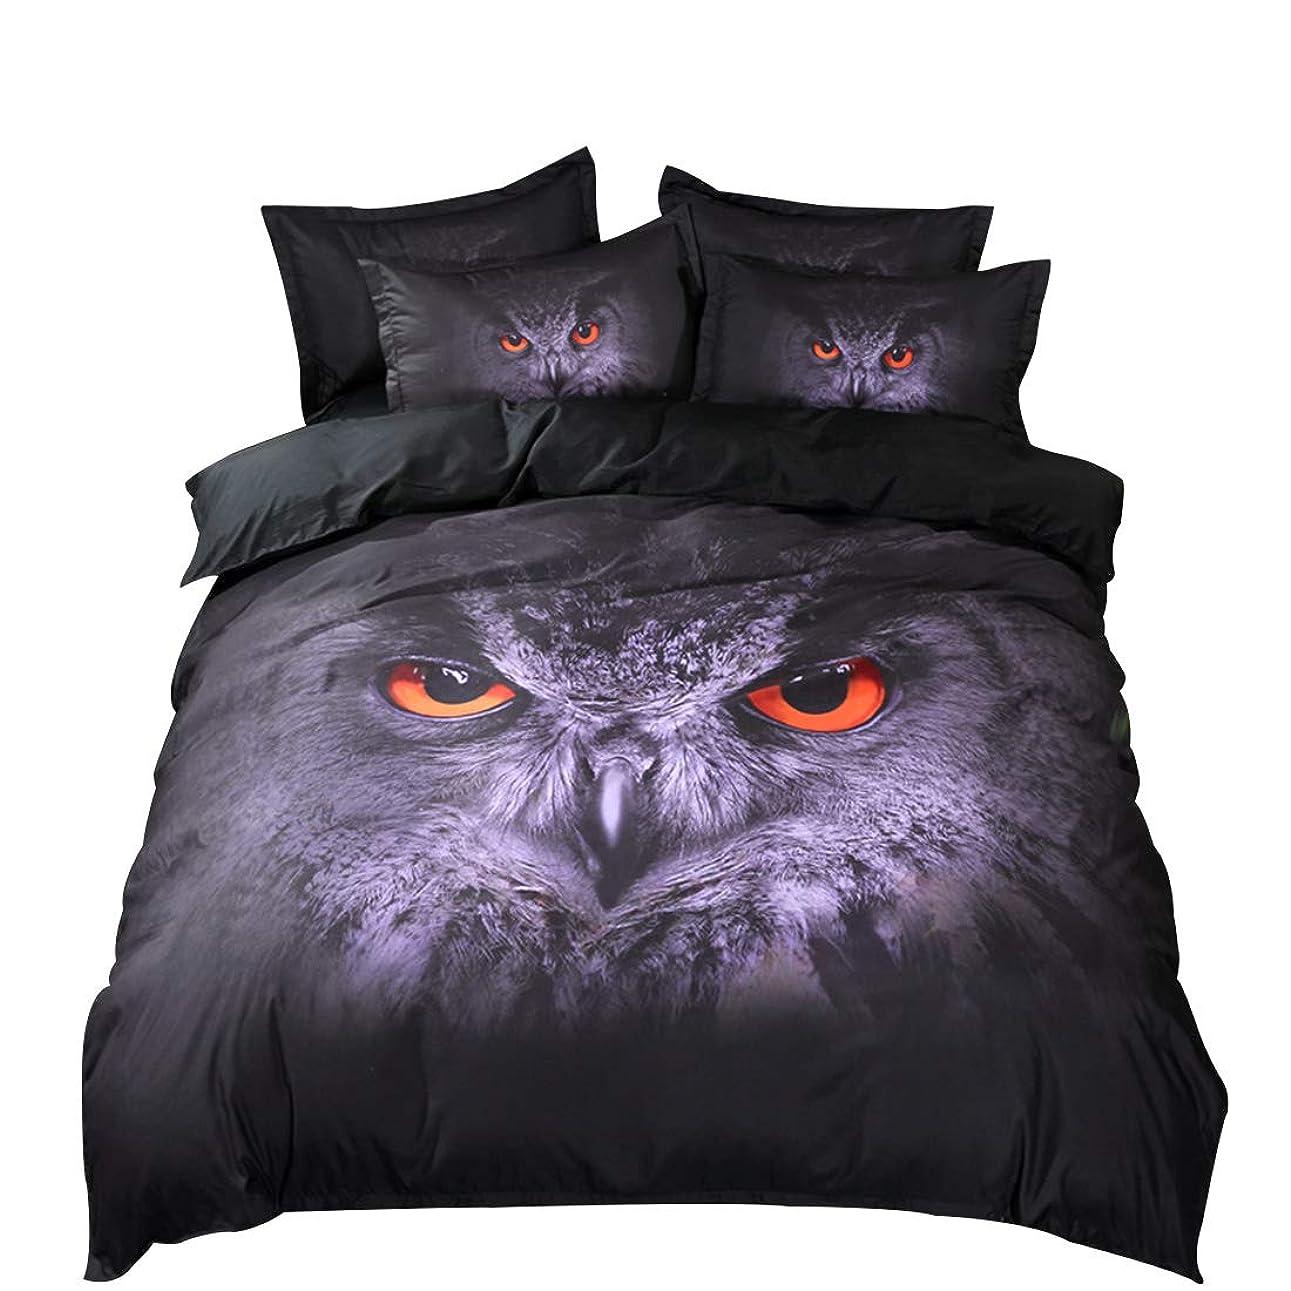 不適当配管工出版Aiweijia ベッドの裏地ピュアブラックアニマル柄の寝具の3ピースセットかわいいパターンベッドカバー1キルトカバー+ 2枕カバー